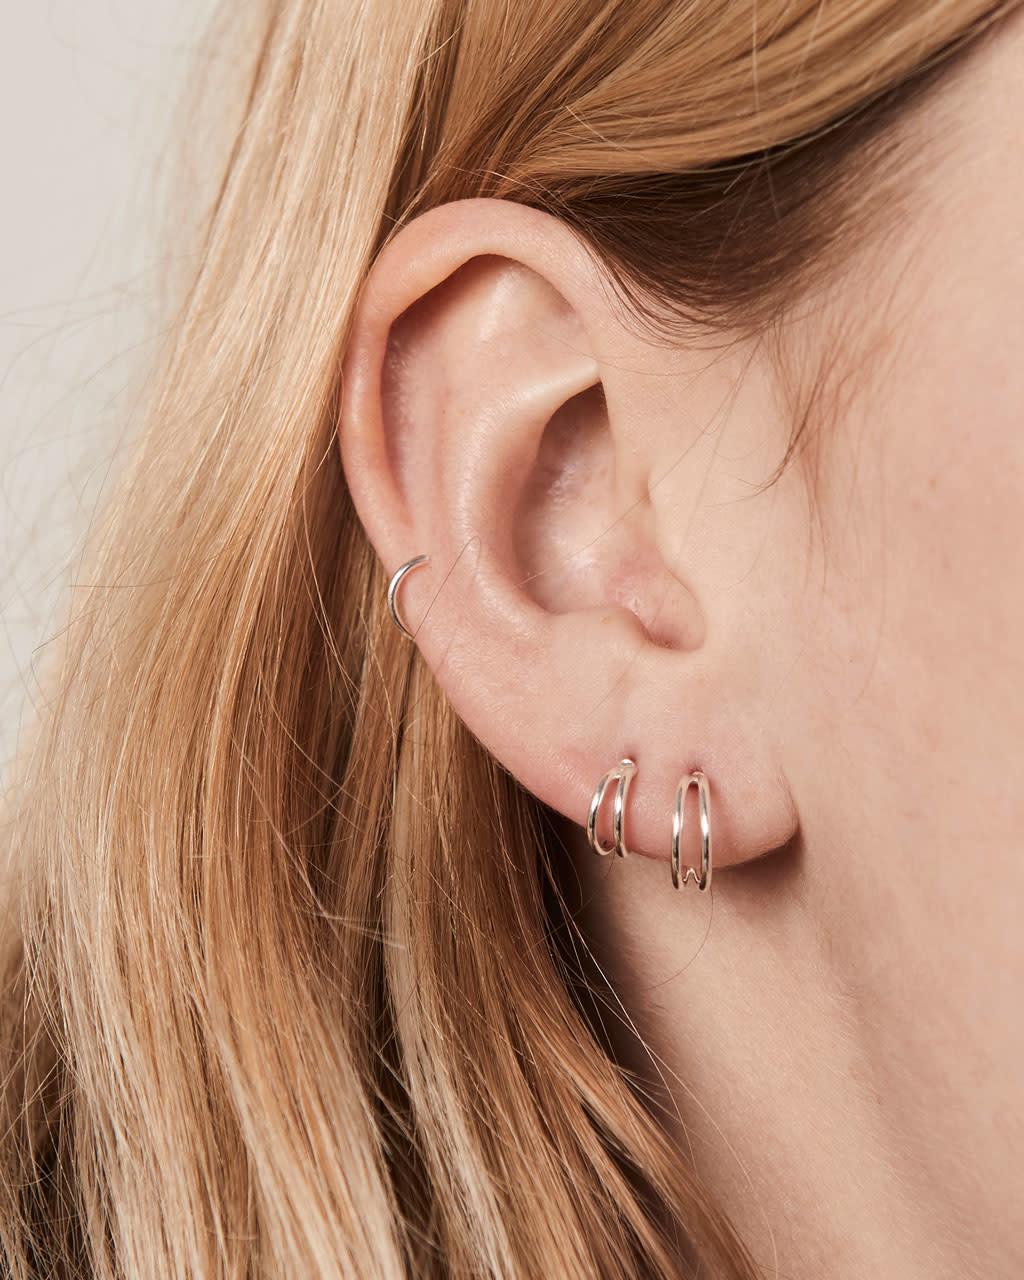 8fded276fe9ff FY Double Hoop Earrings Sterling Silver 10mm